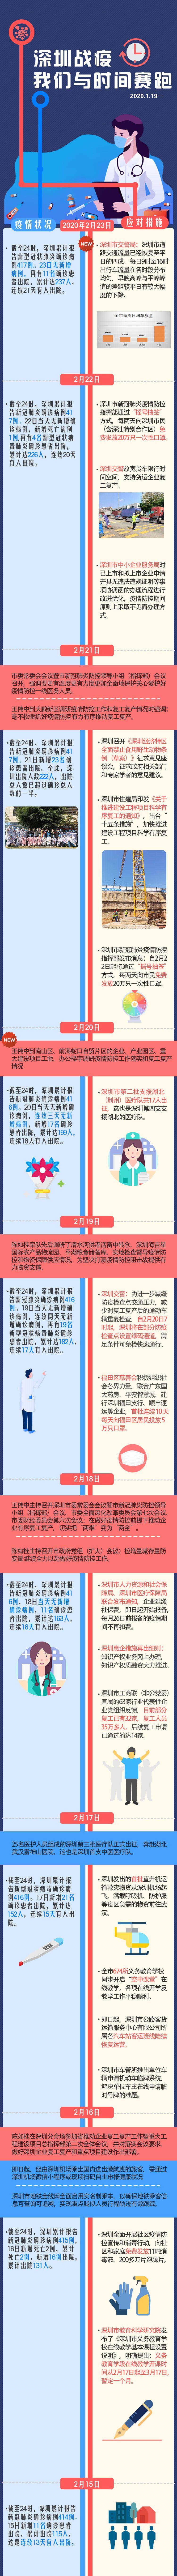 深圳战疫,我们与时间赛跑(01.19-02.23)